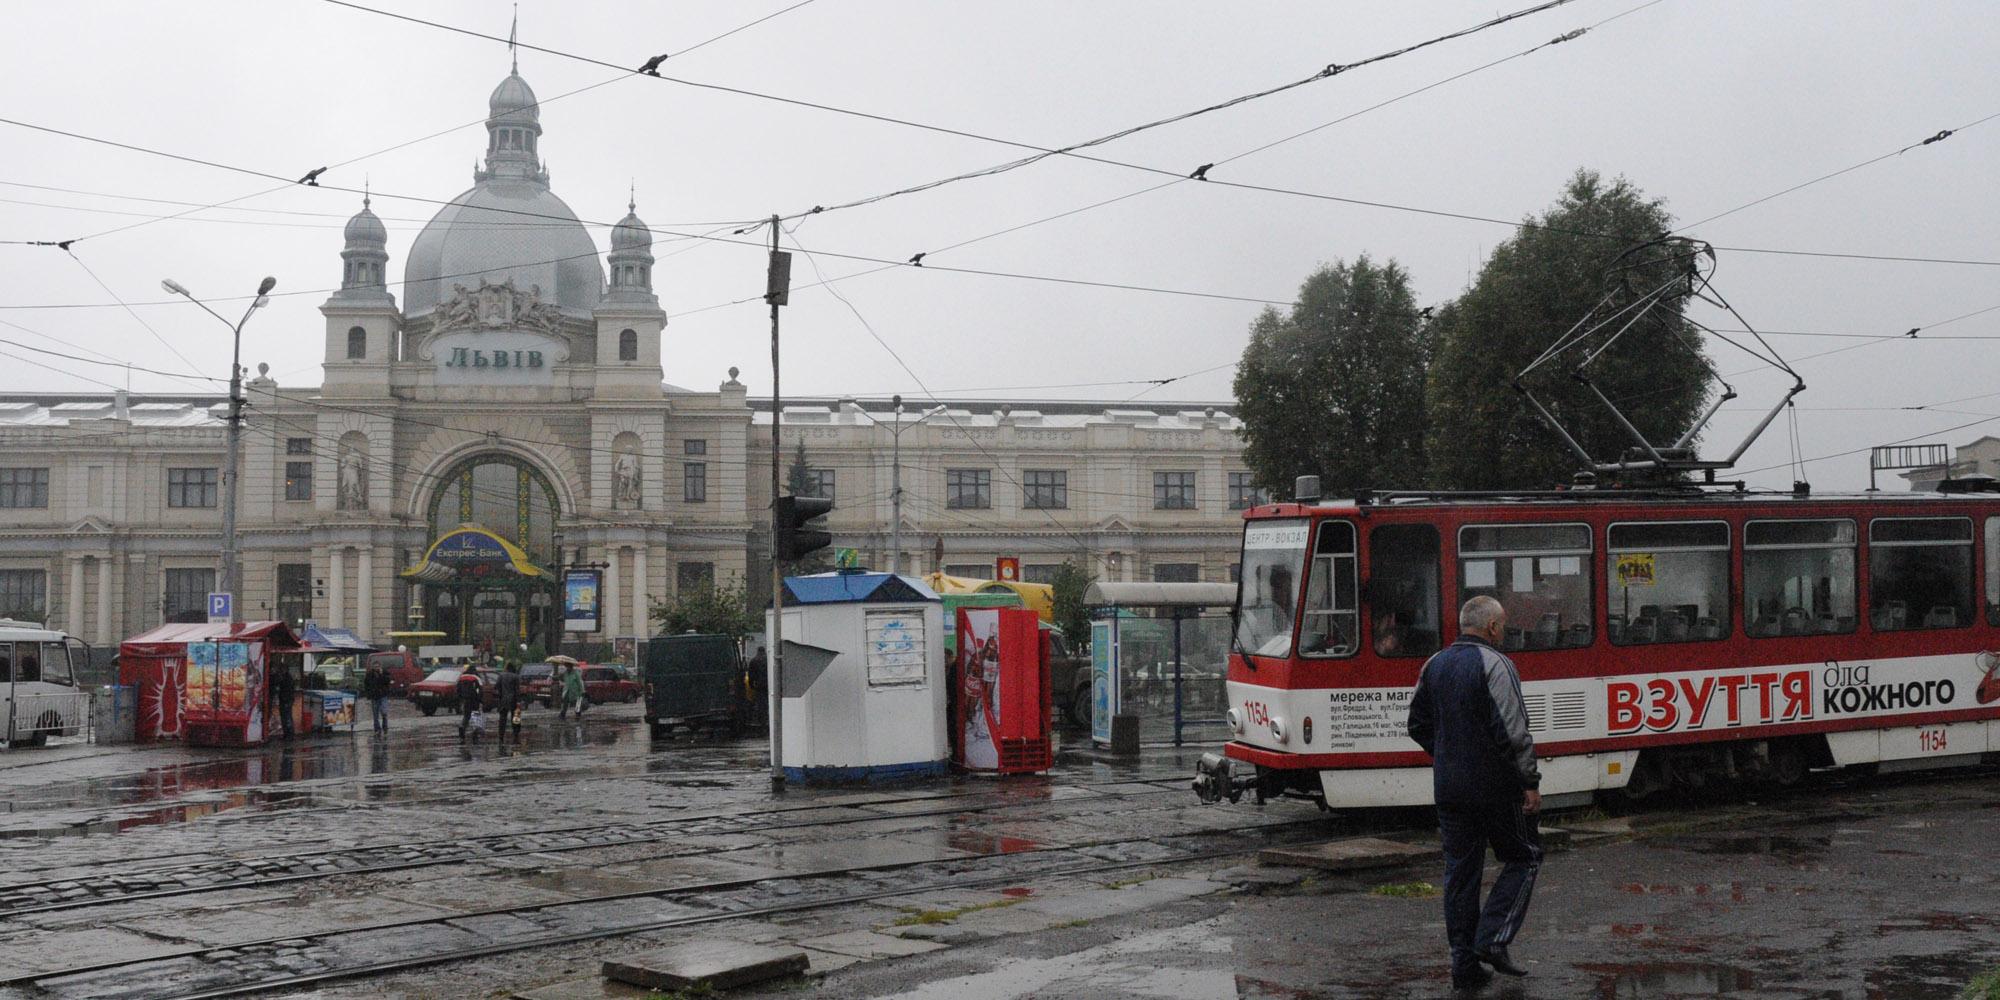 lviv-hb.jpg